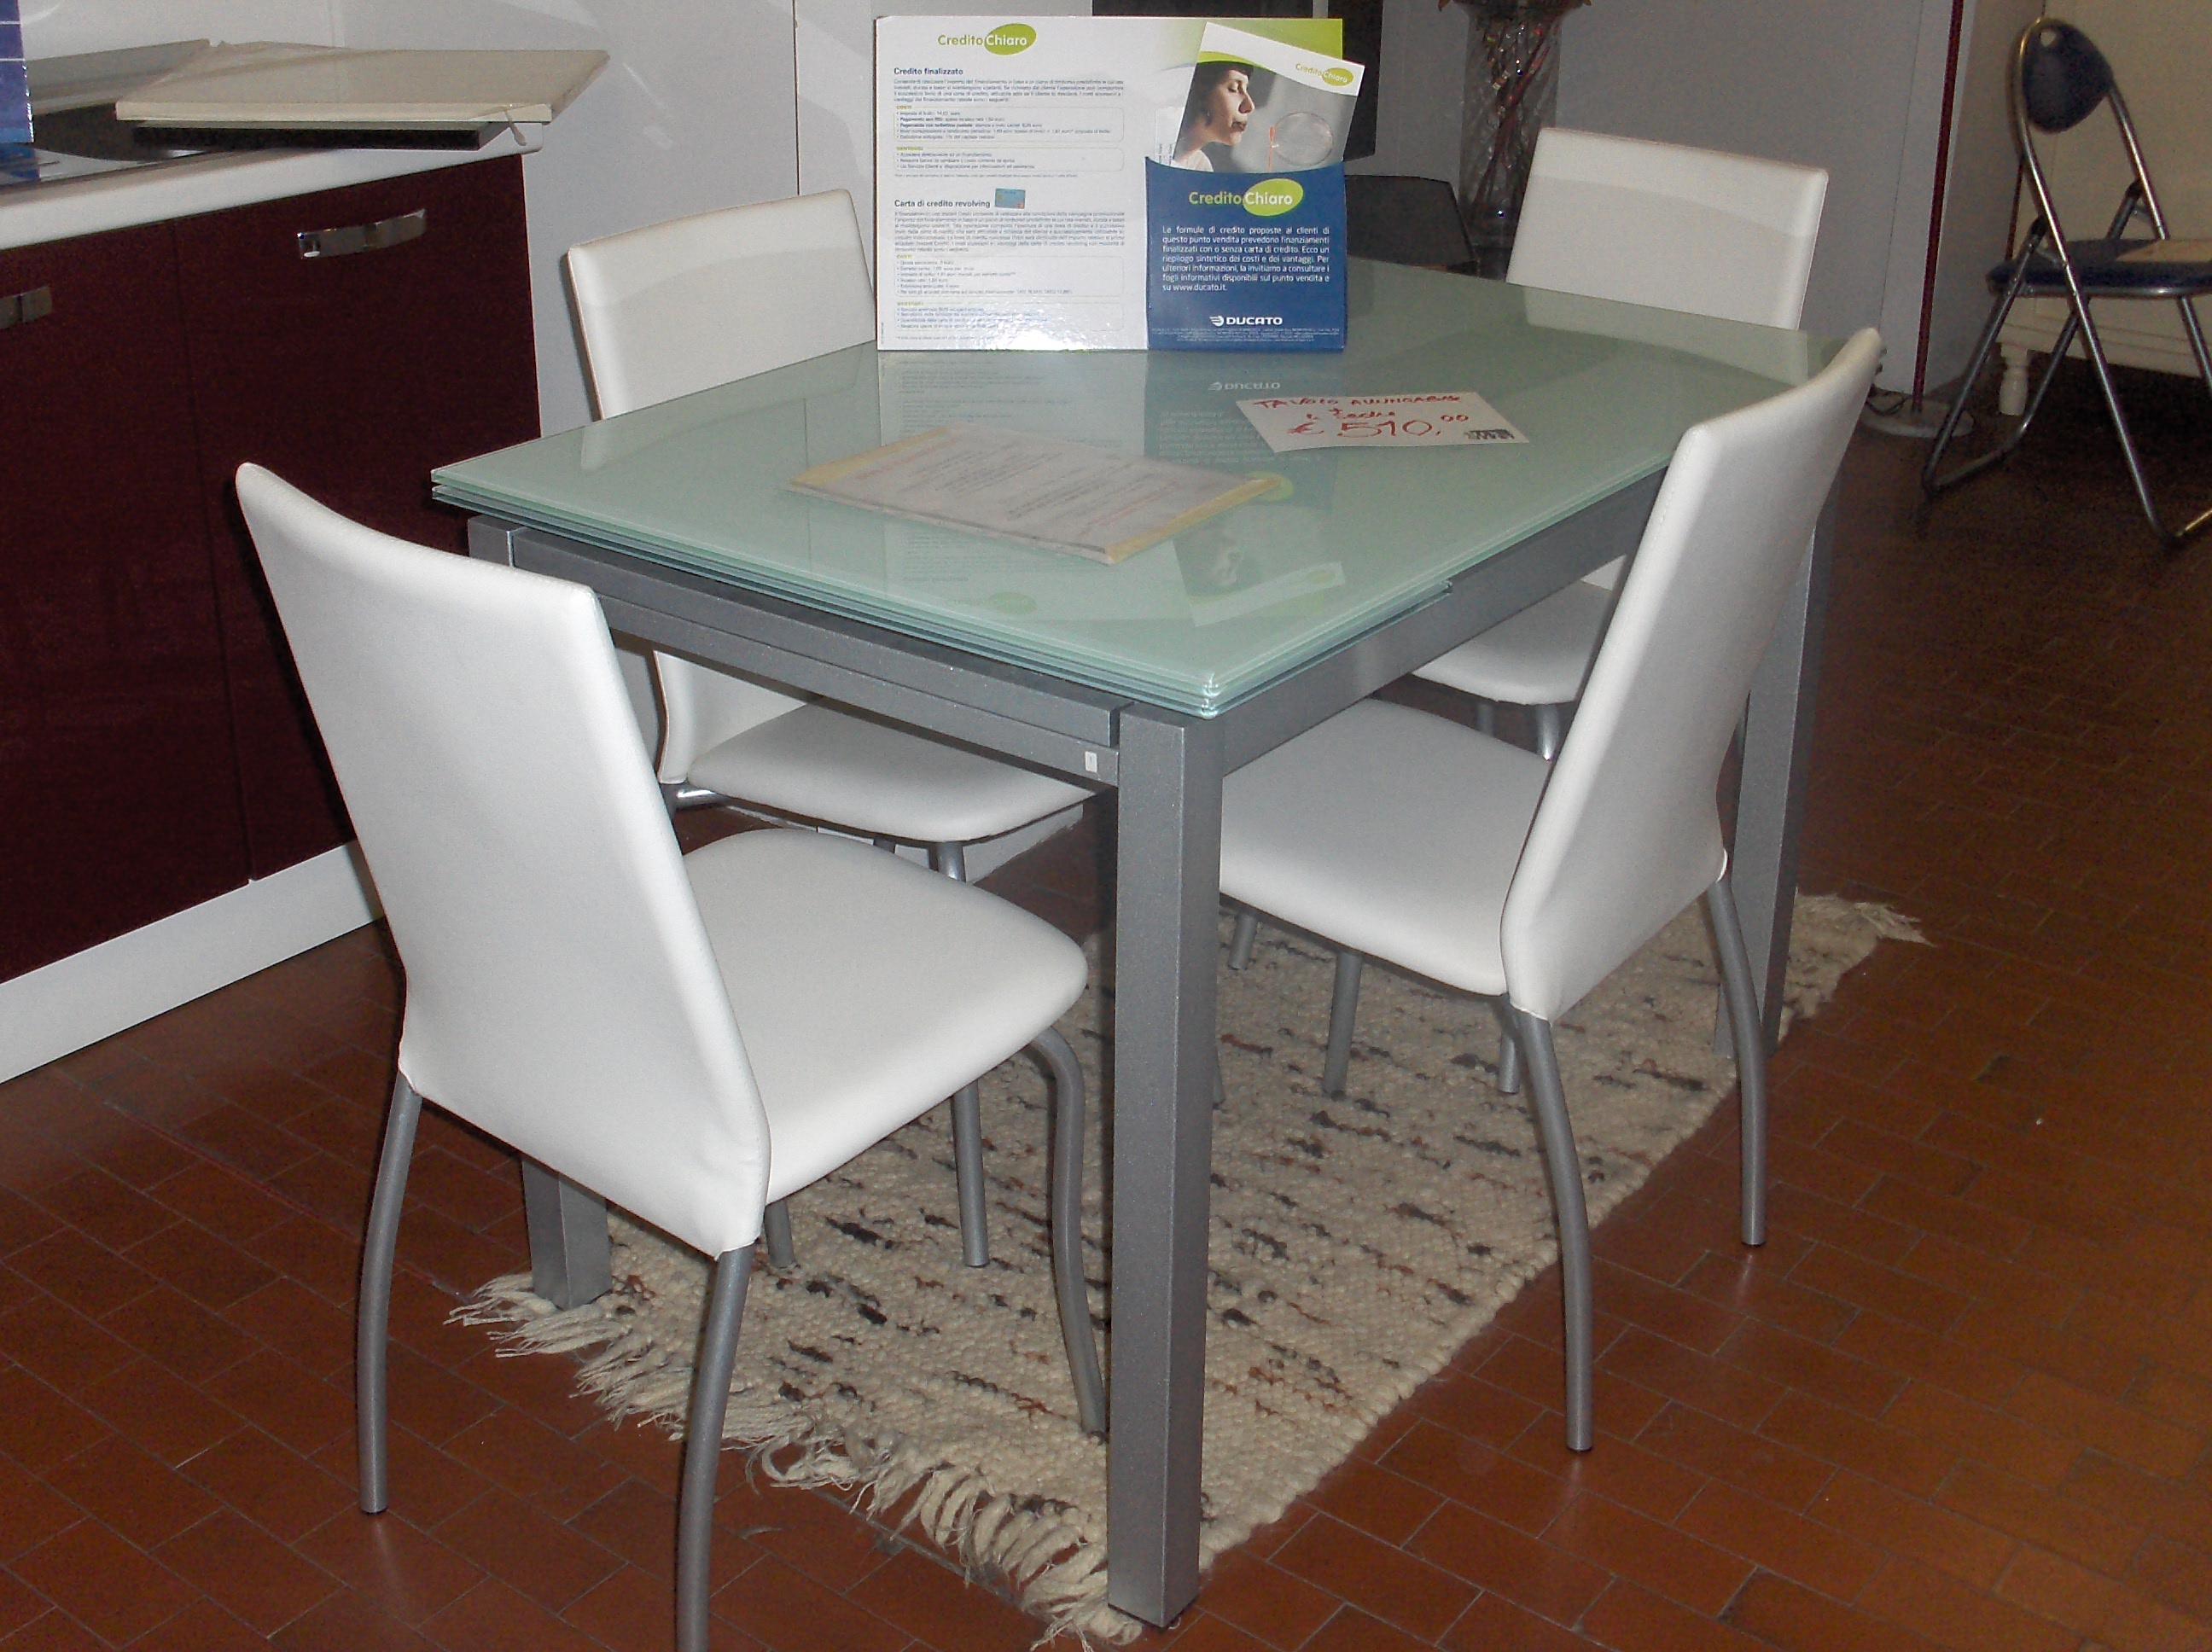 Mercatino arredamenti nuovi arredamenti nuovi tavolo for Tavoli in offerta